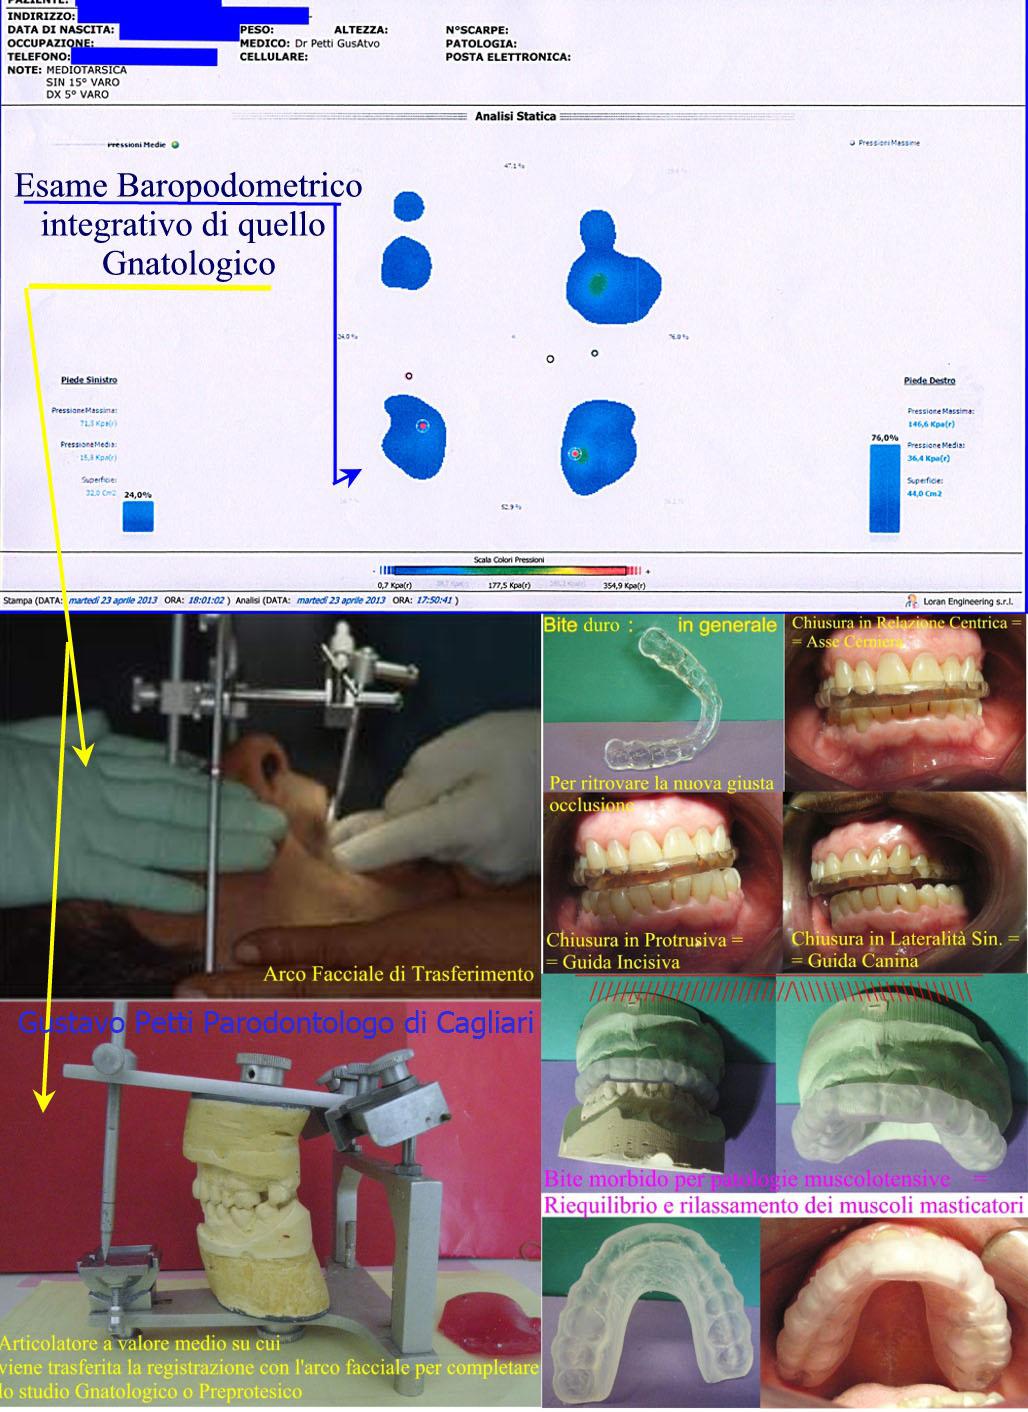 analisi-gnatologica-dr-g.petti-cagliari-89.jpg